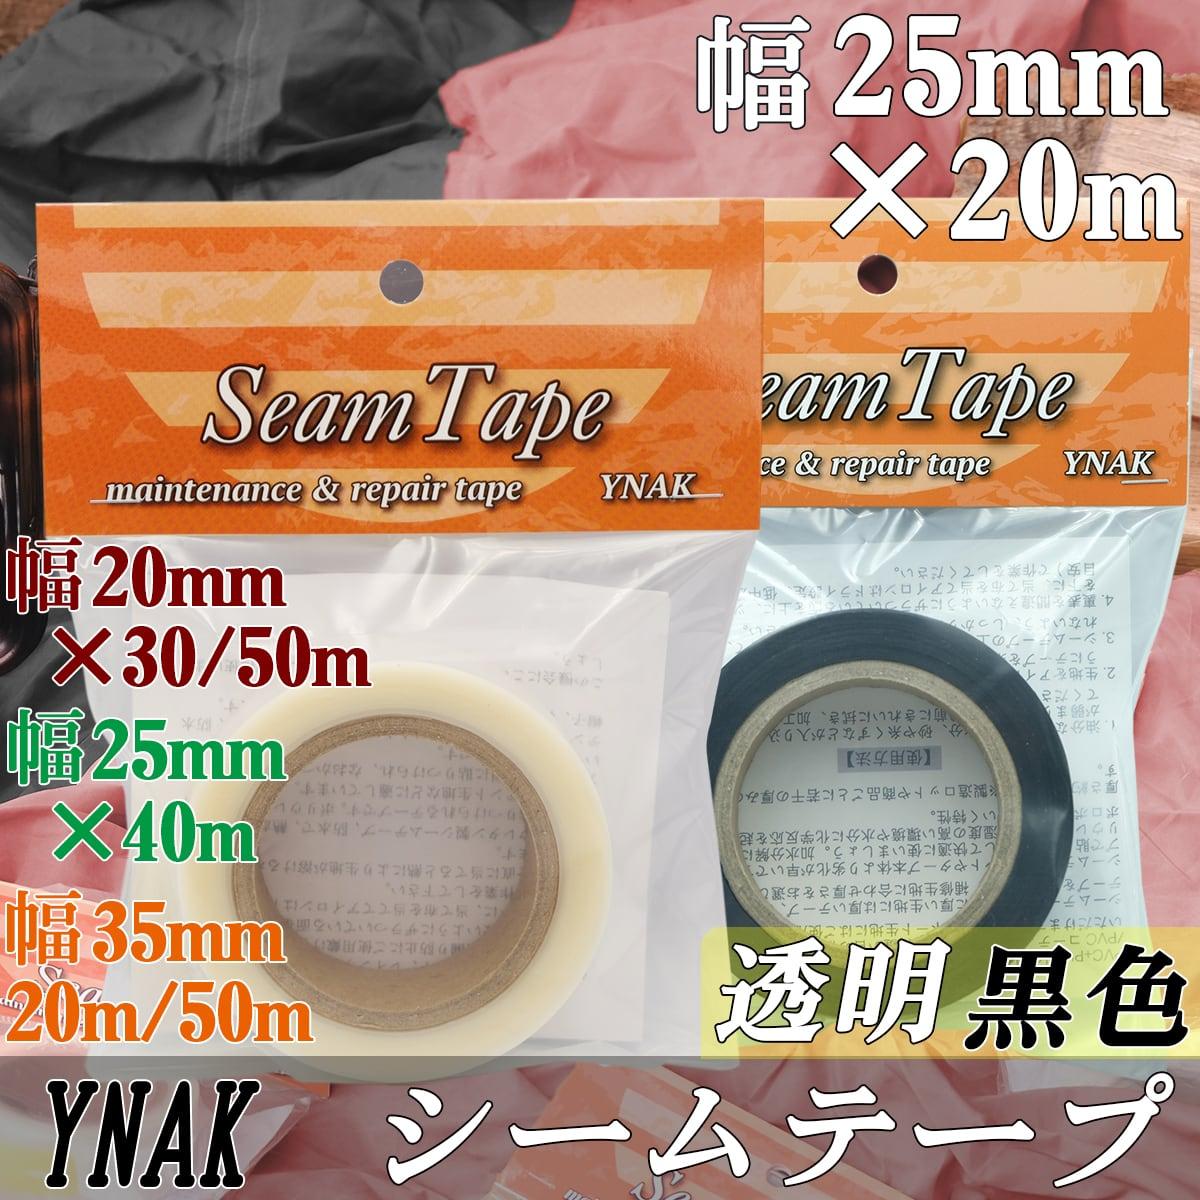 シームテープ テント ザック タープ シート レインウェア 補修 メンテナンス 用 強力 アイロン式 説明書付き 幅25mm×20m YNAK